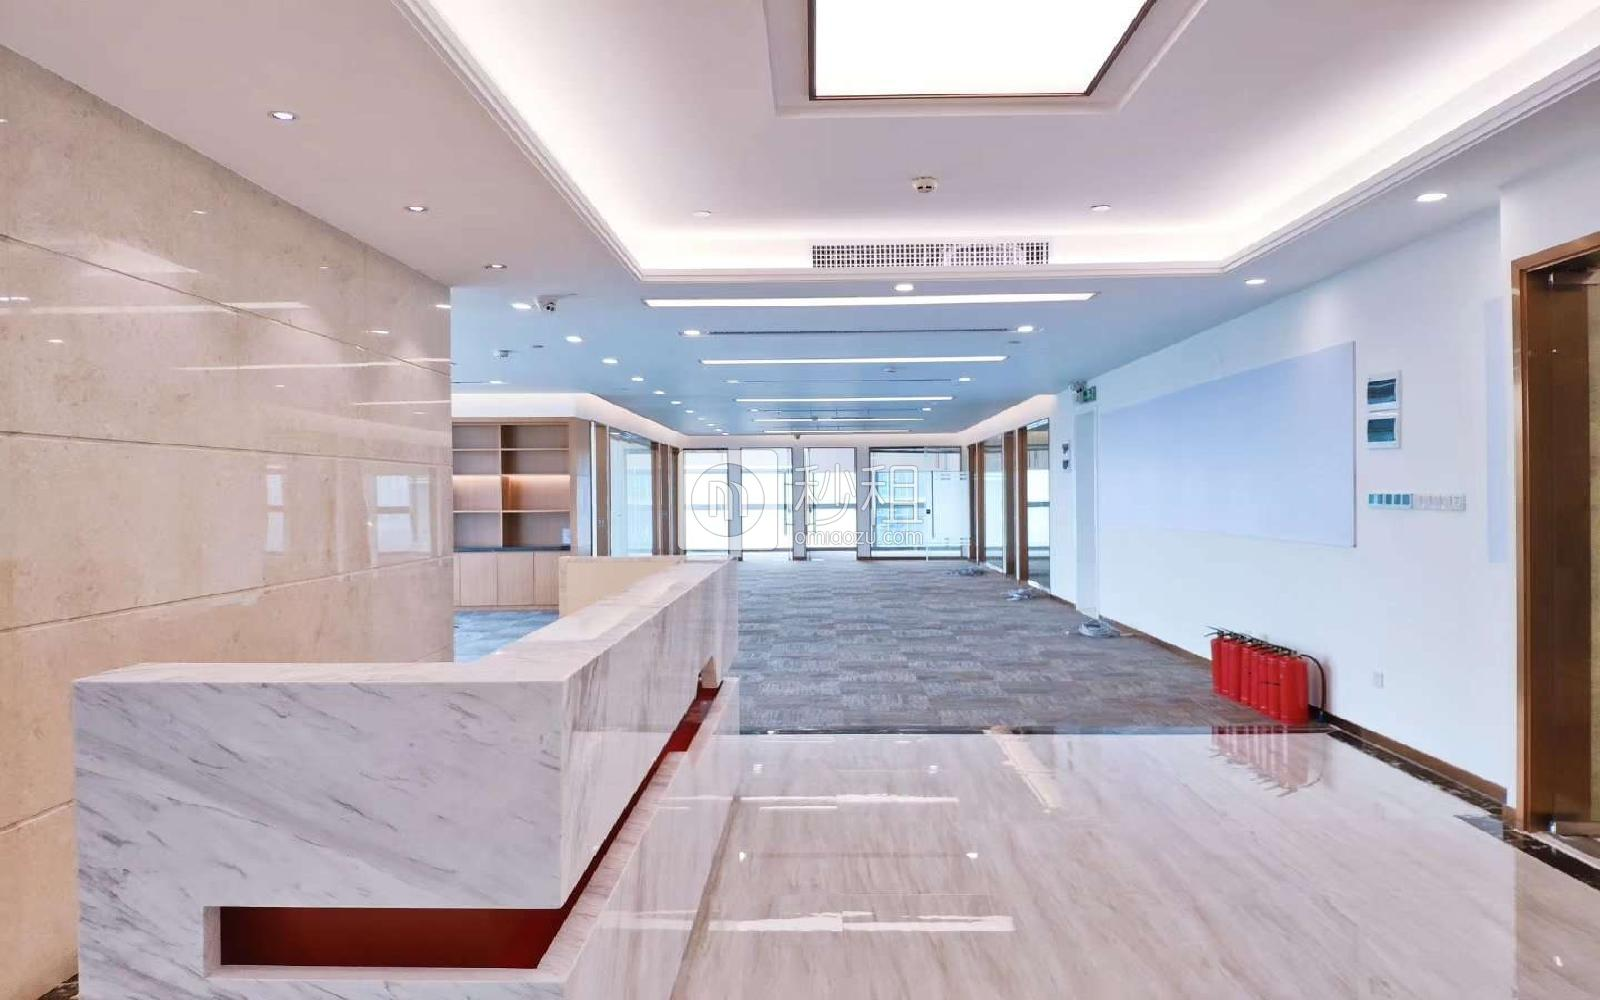 南山-后海 海王星辰大厦 610m²